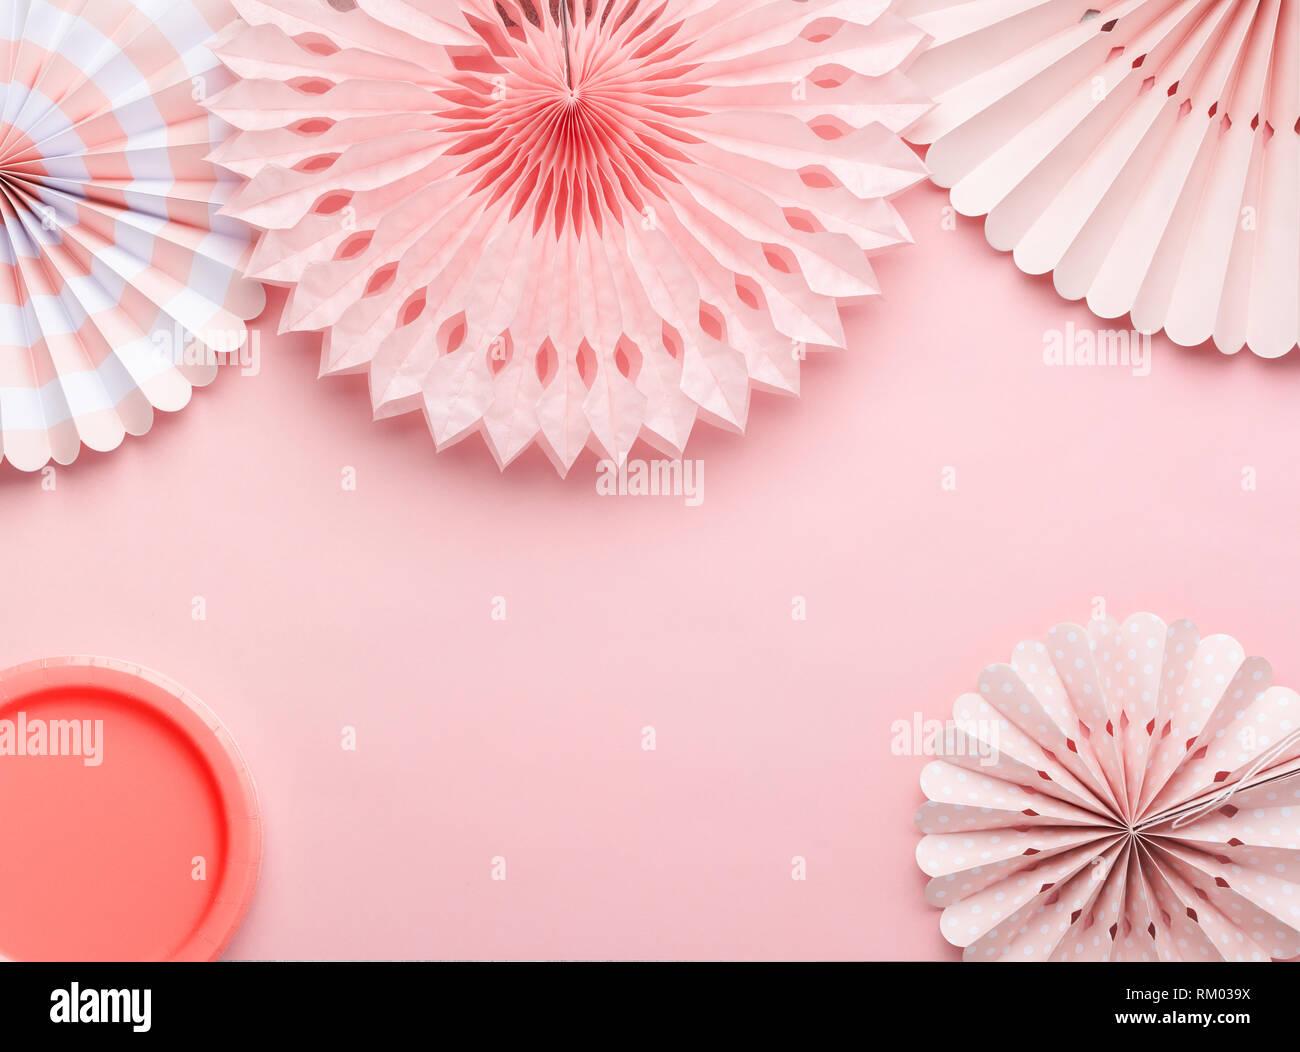 Le papier chinois fans de couleurs pastel rose sur table, vue de dessus, l'espace de copie de texte, de la mise au point sélective. Les plaques de papier parti en corail vivant. Photo Stock